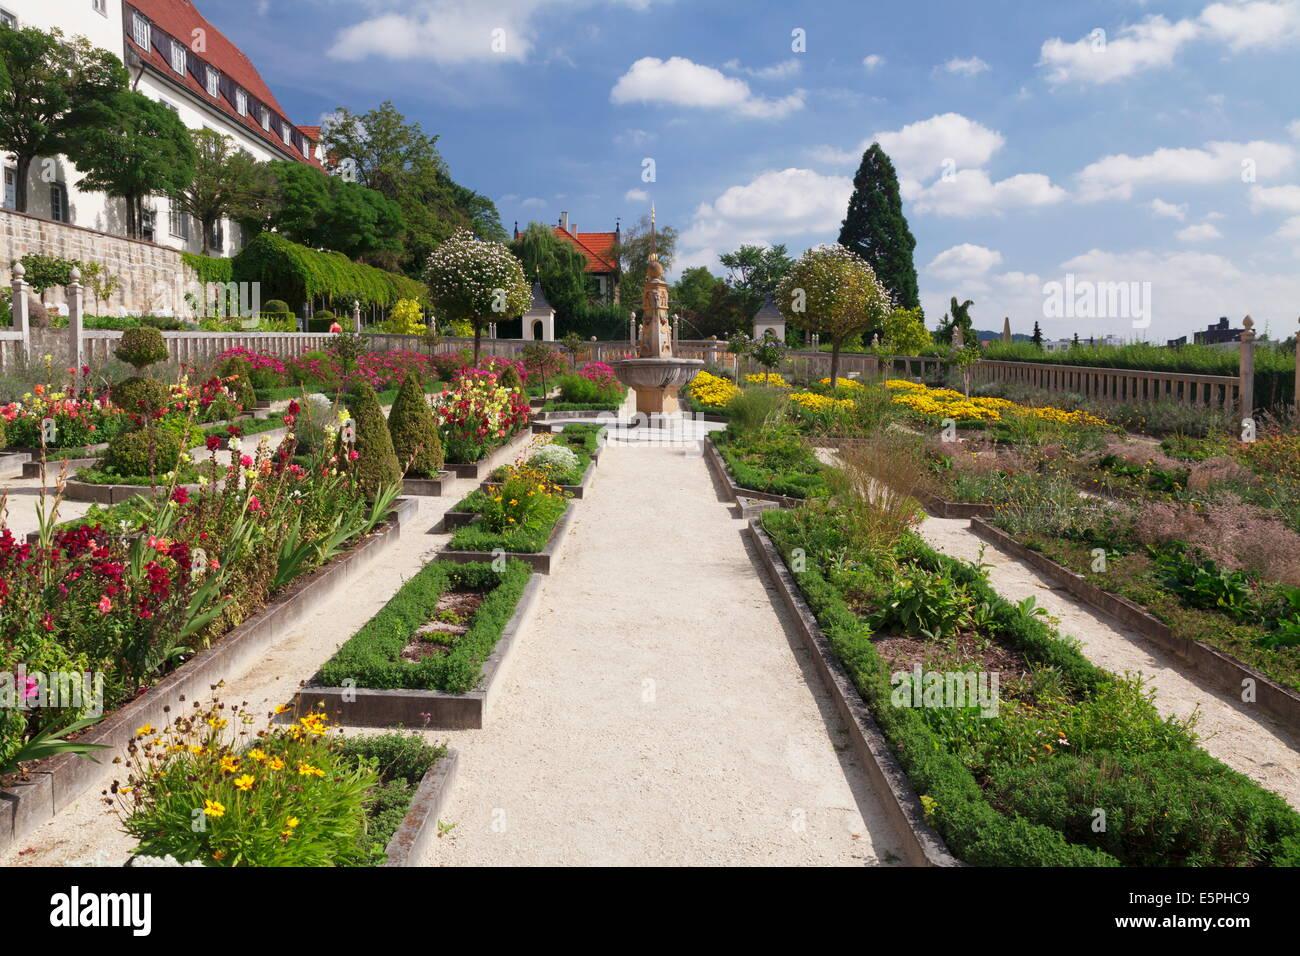 Pomeranzengarten garden at the castle leonberg boblingen district stock photo royalty free - Boblingen mobel ...